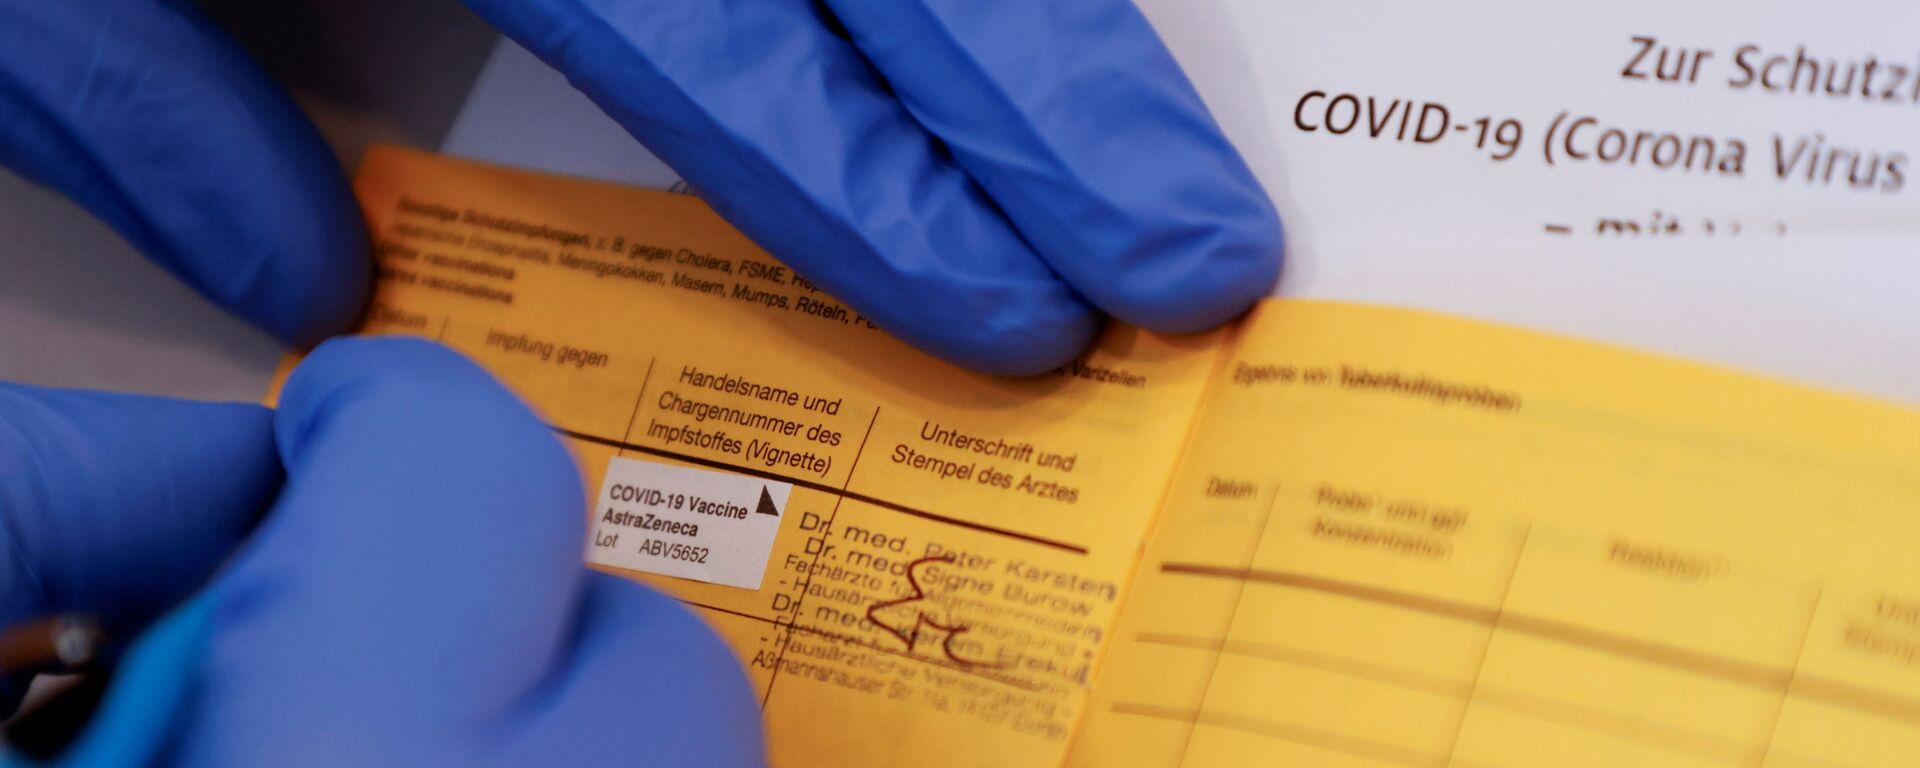 Lékař vyplní certifikát o očkování pacienta, po obdržení dávky vakcíny AstraZeneca - Sputnik Česká republika, 1920, 27.07.2021